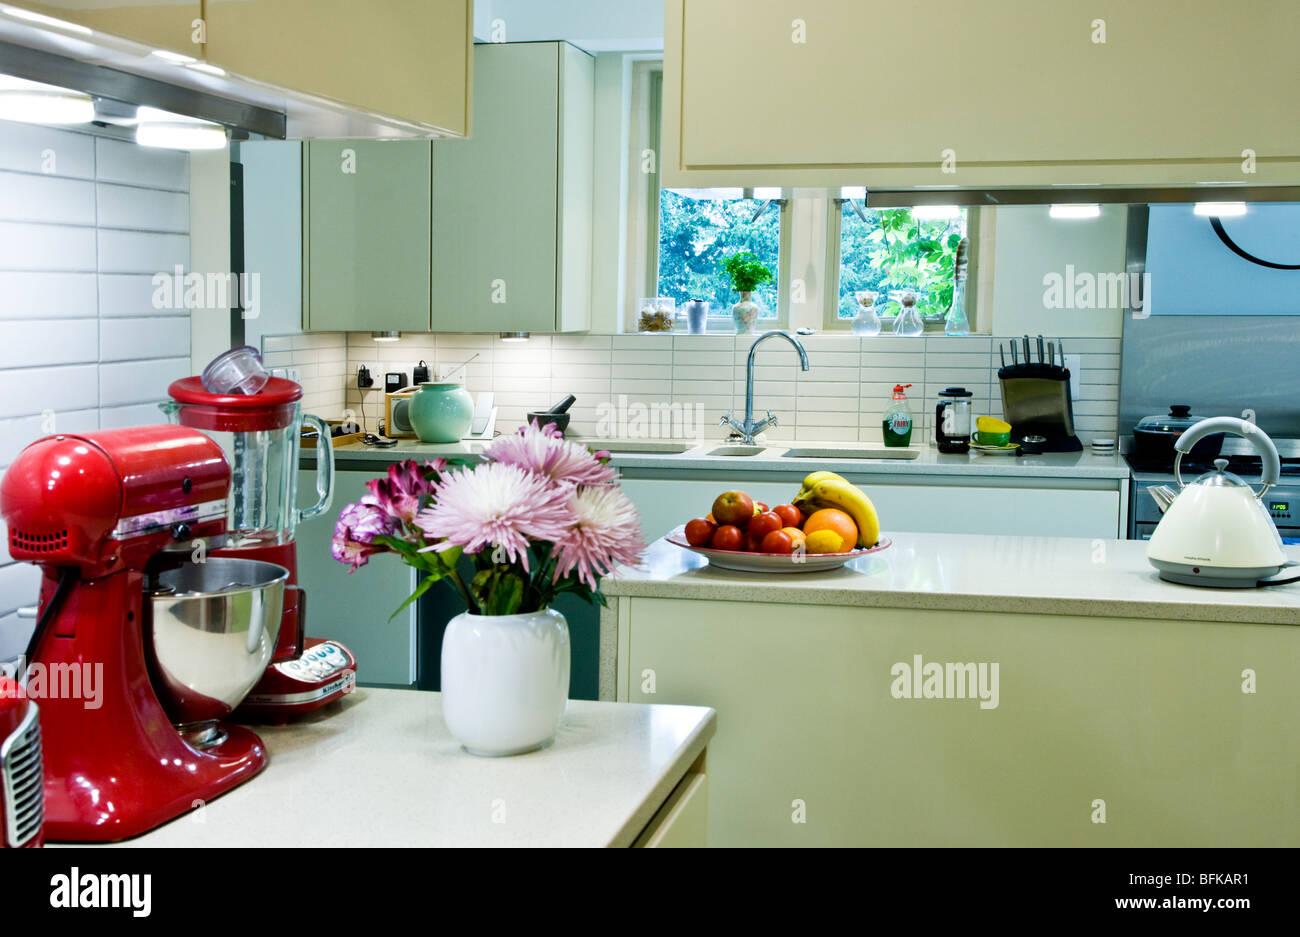 Un contemporain moderne avec cuisine rétro rouge smart appareils et vase de fleurs fraîches Photo Stock